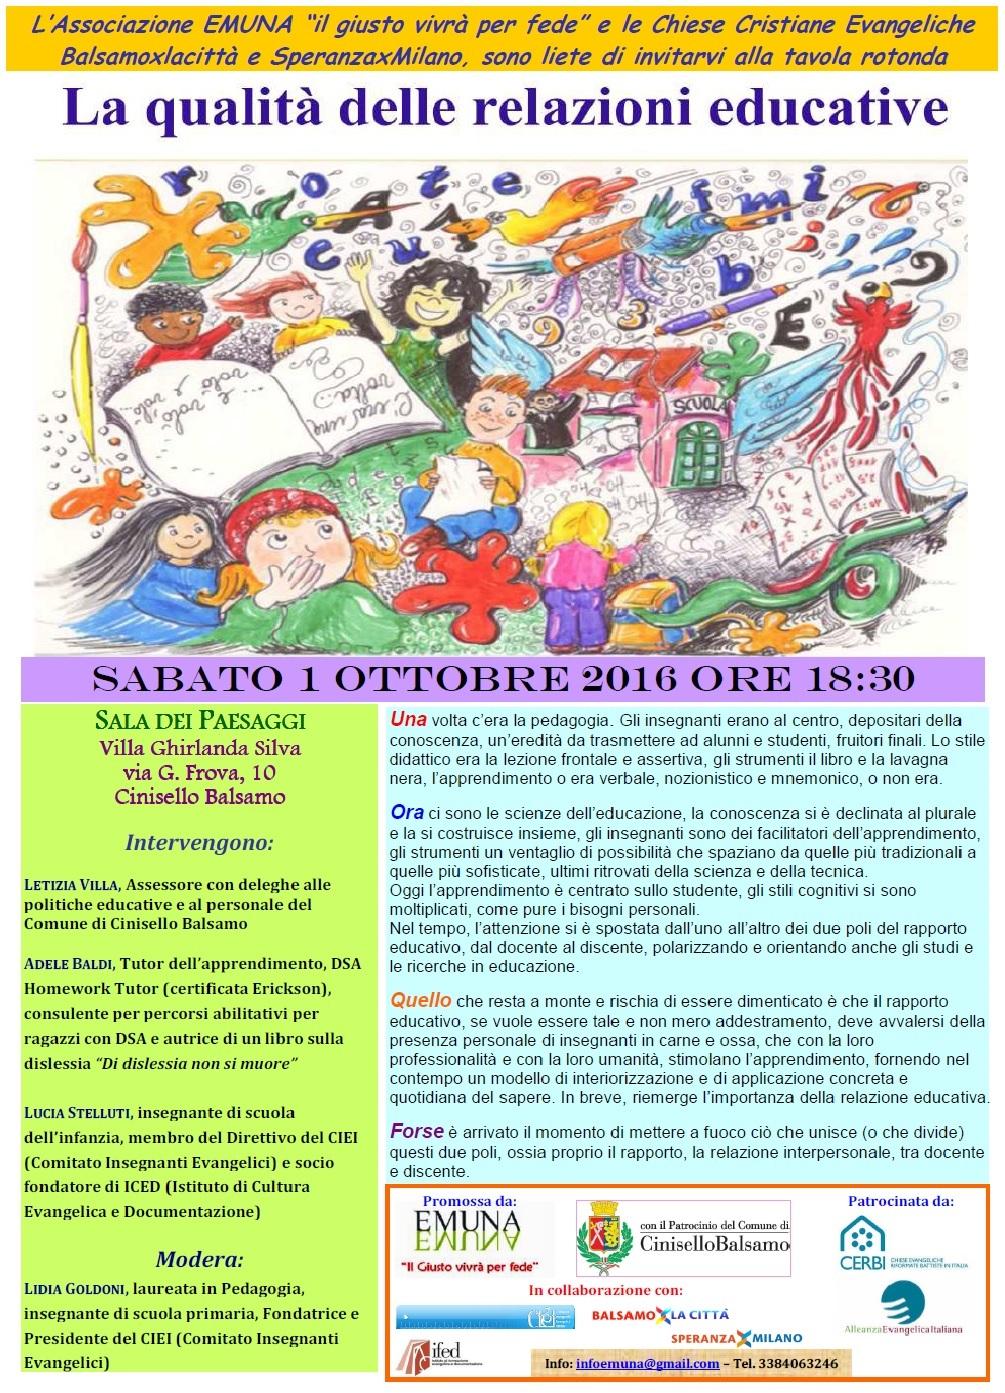 manifesto-la-qualita-delle-relazioni-educative